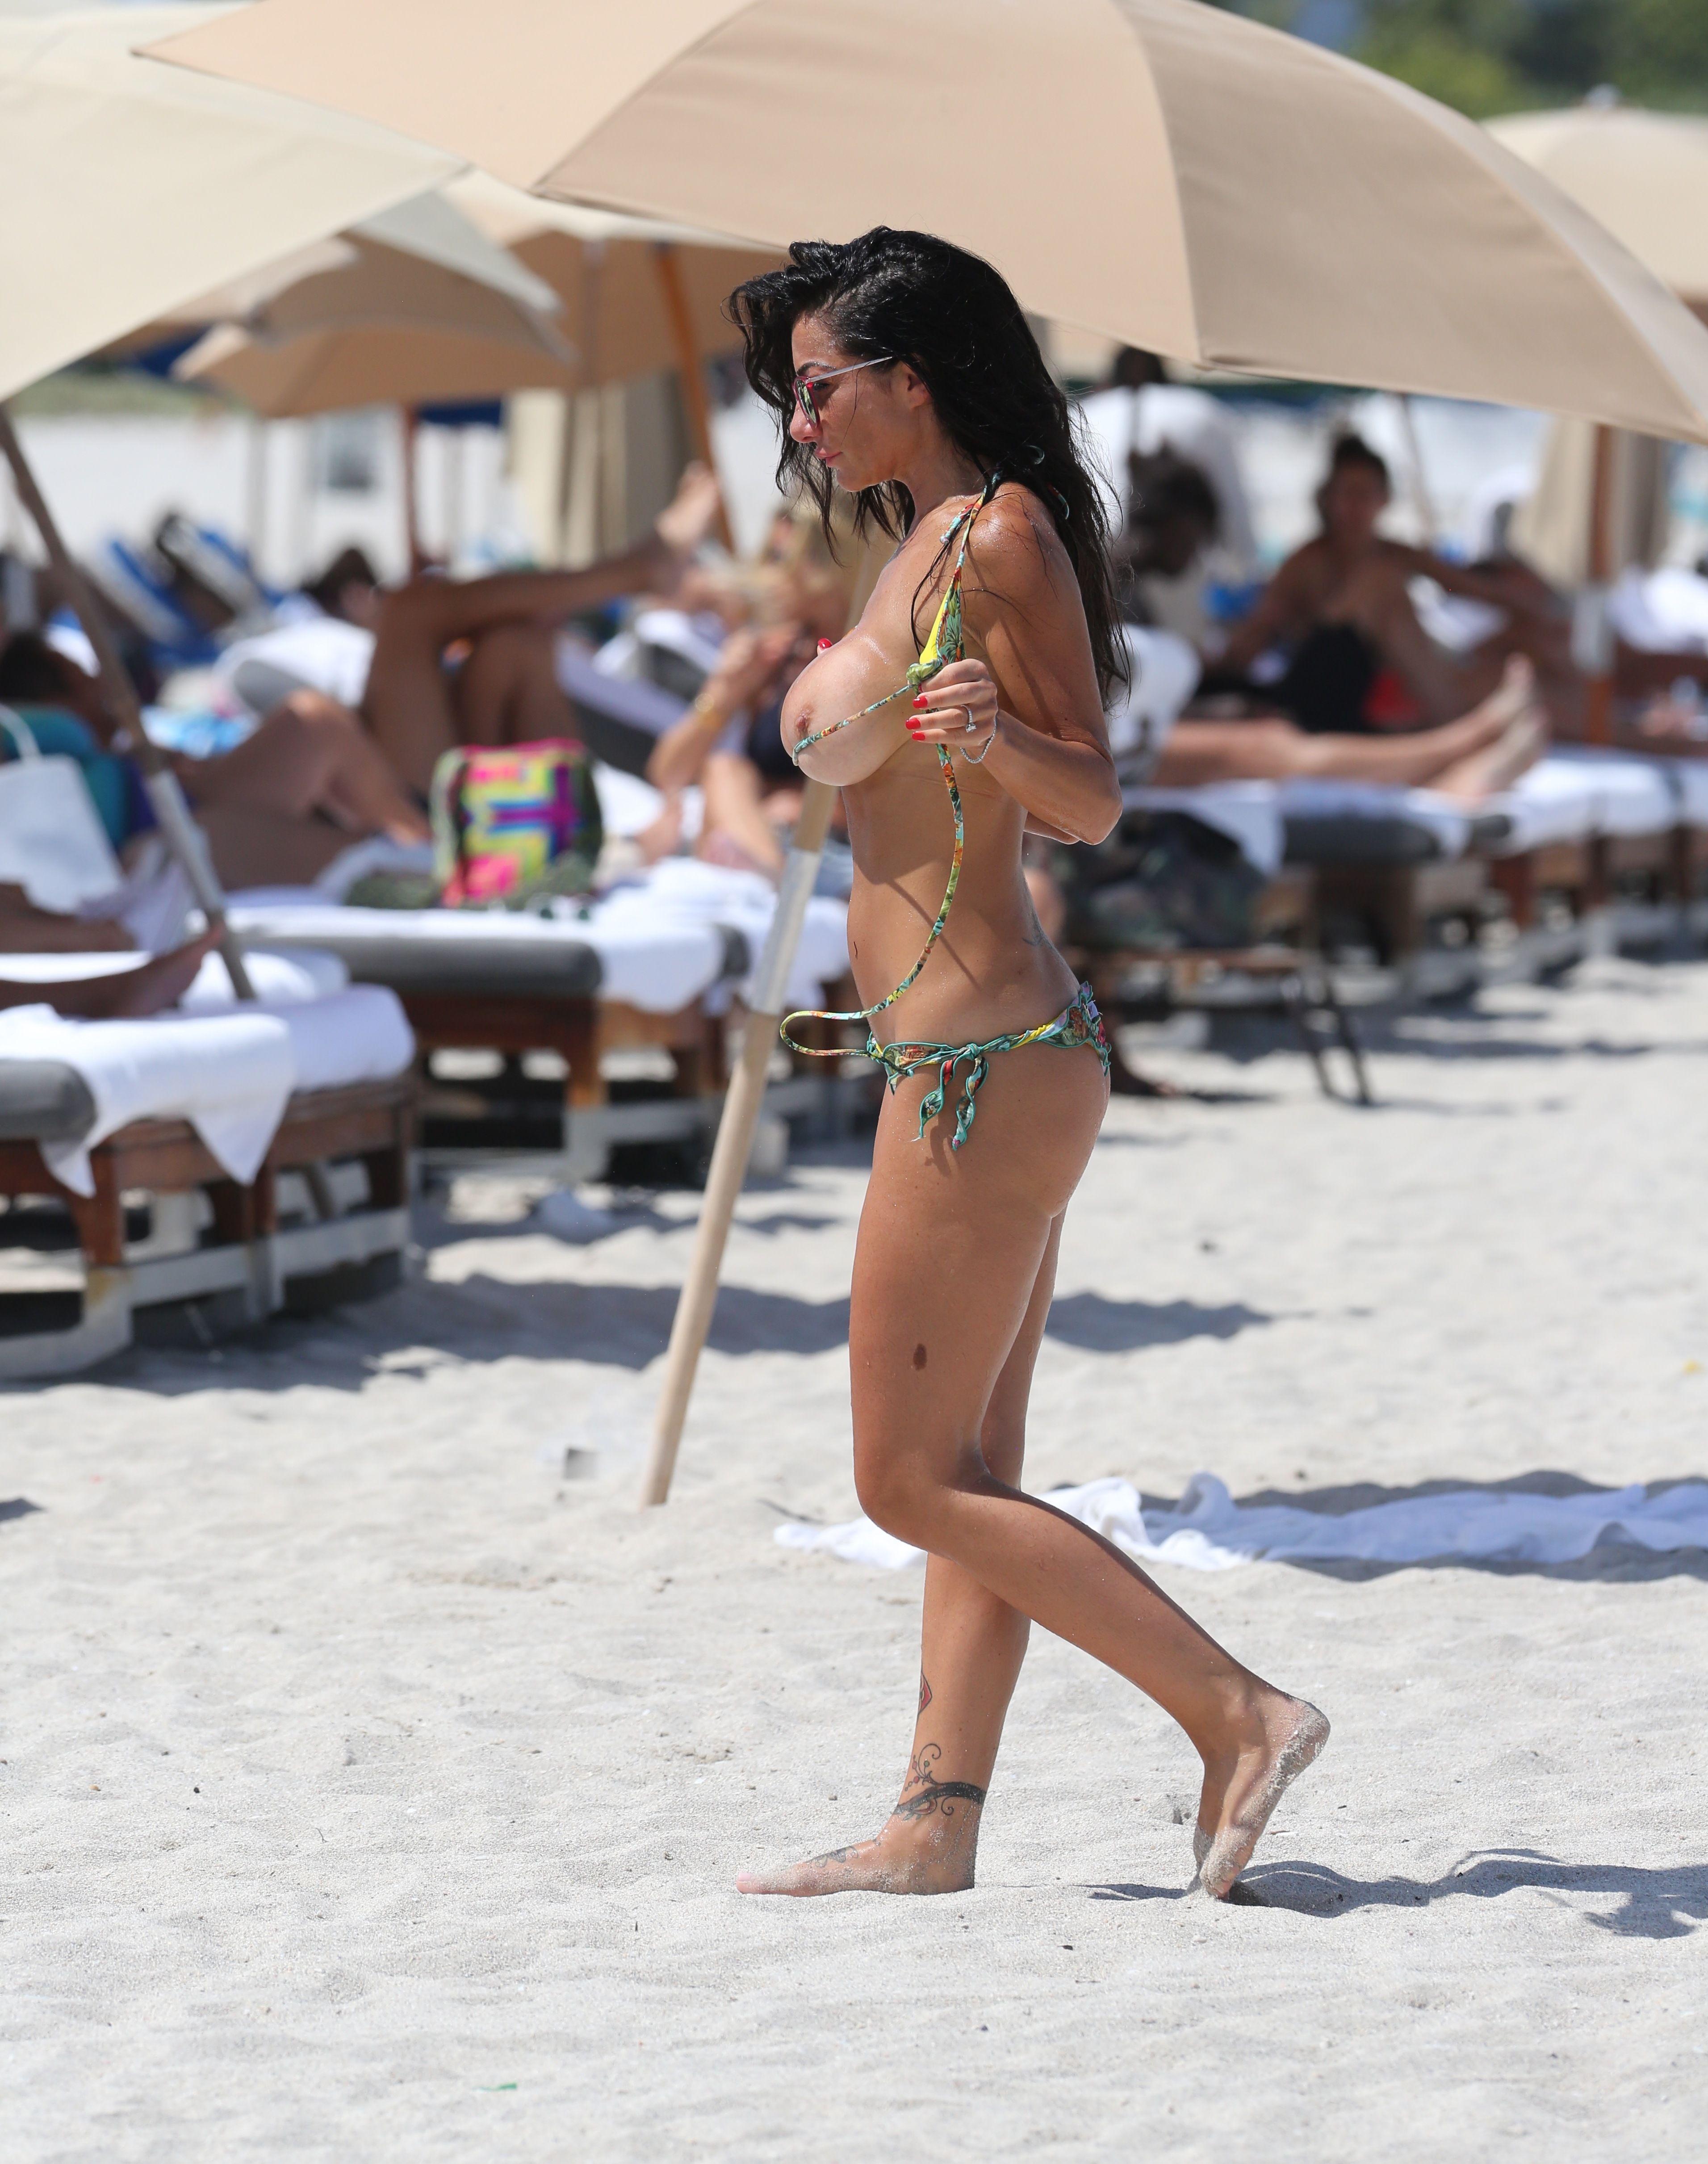 vip nude porn on beach